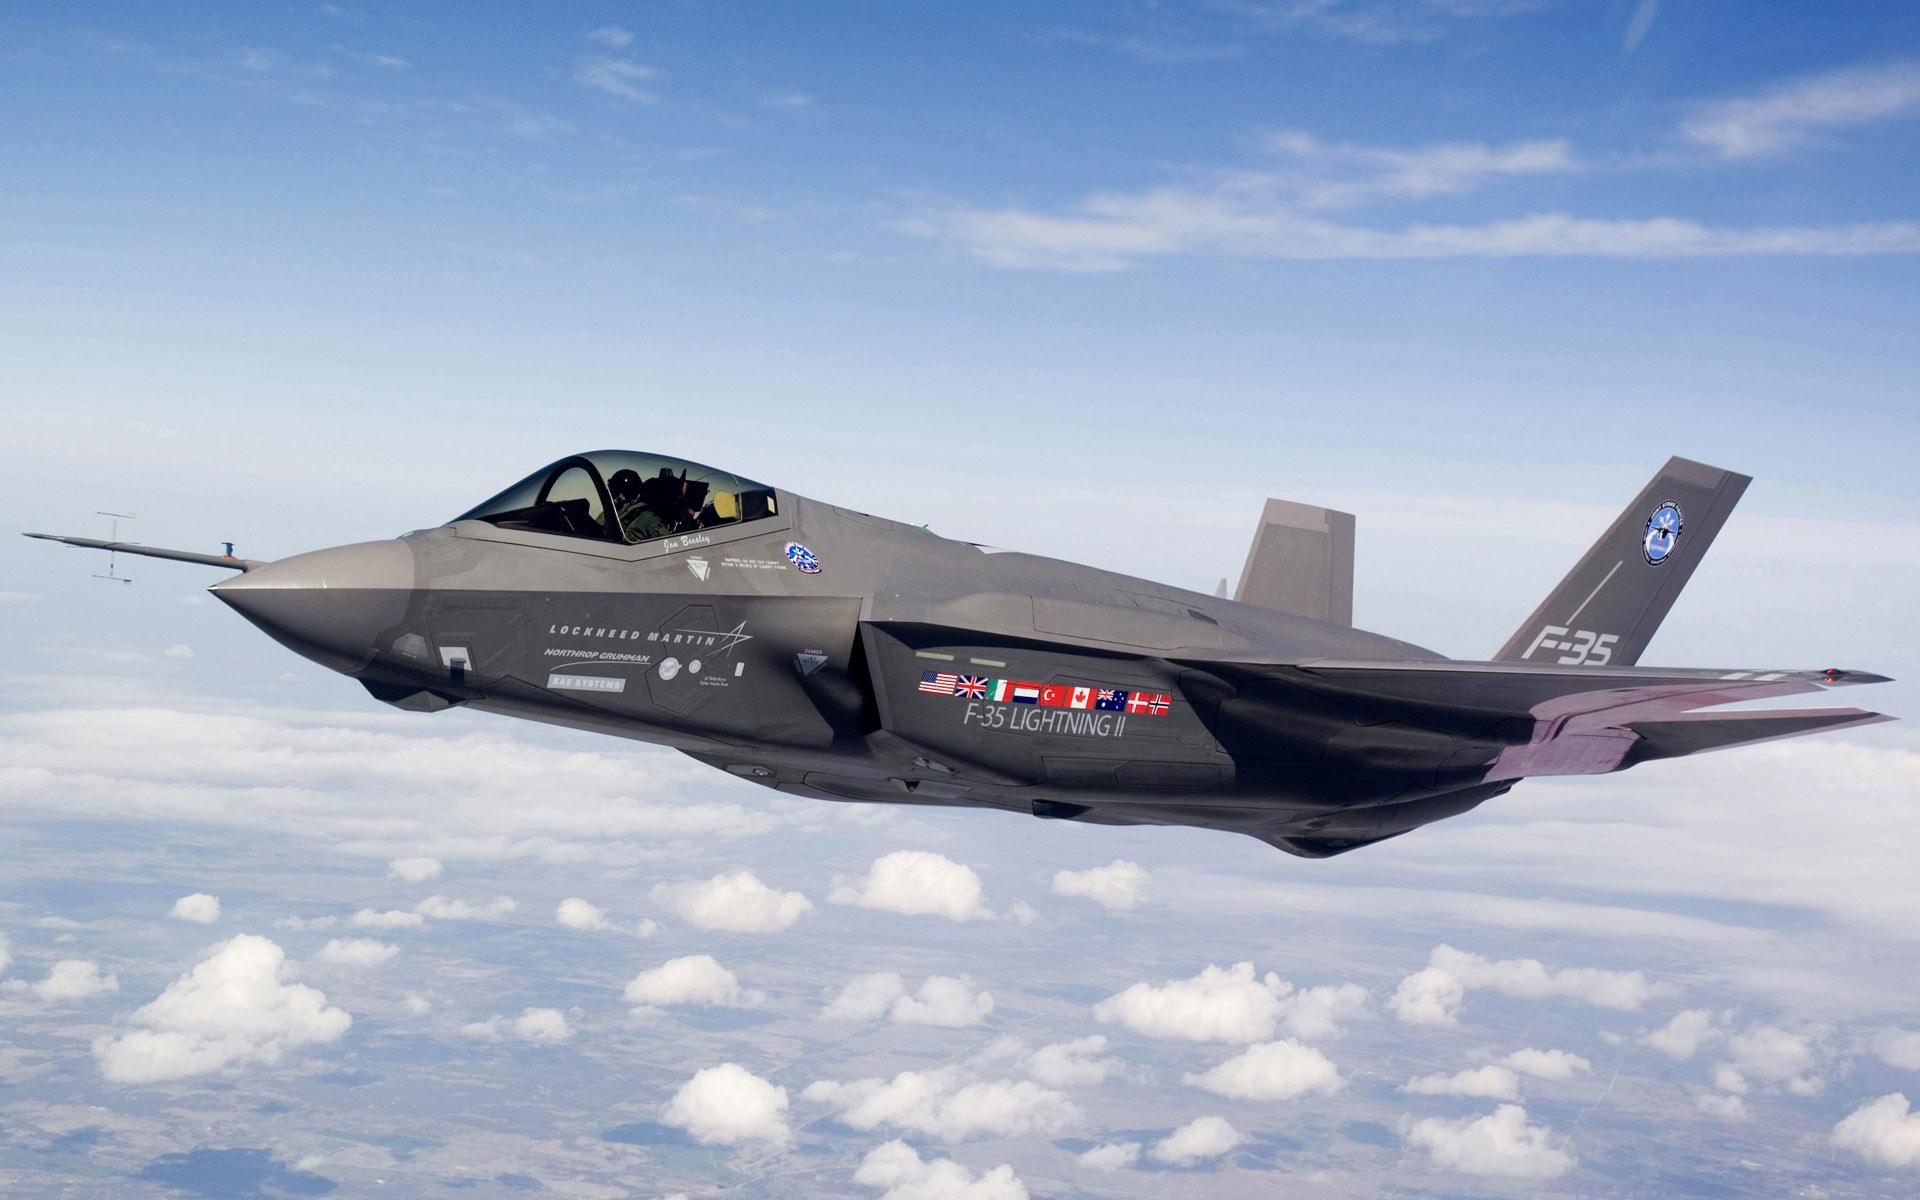 Истребитель F-35 оказался непригоден для ближнего боя